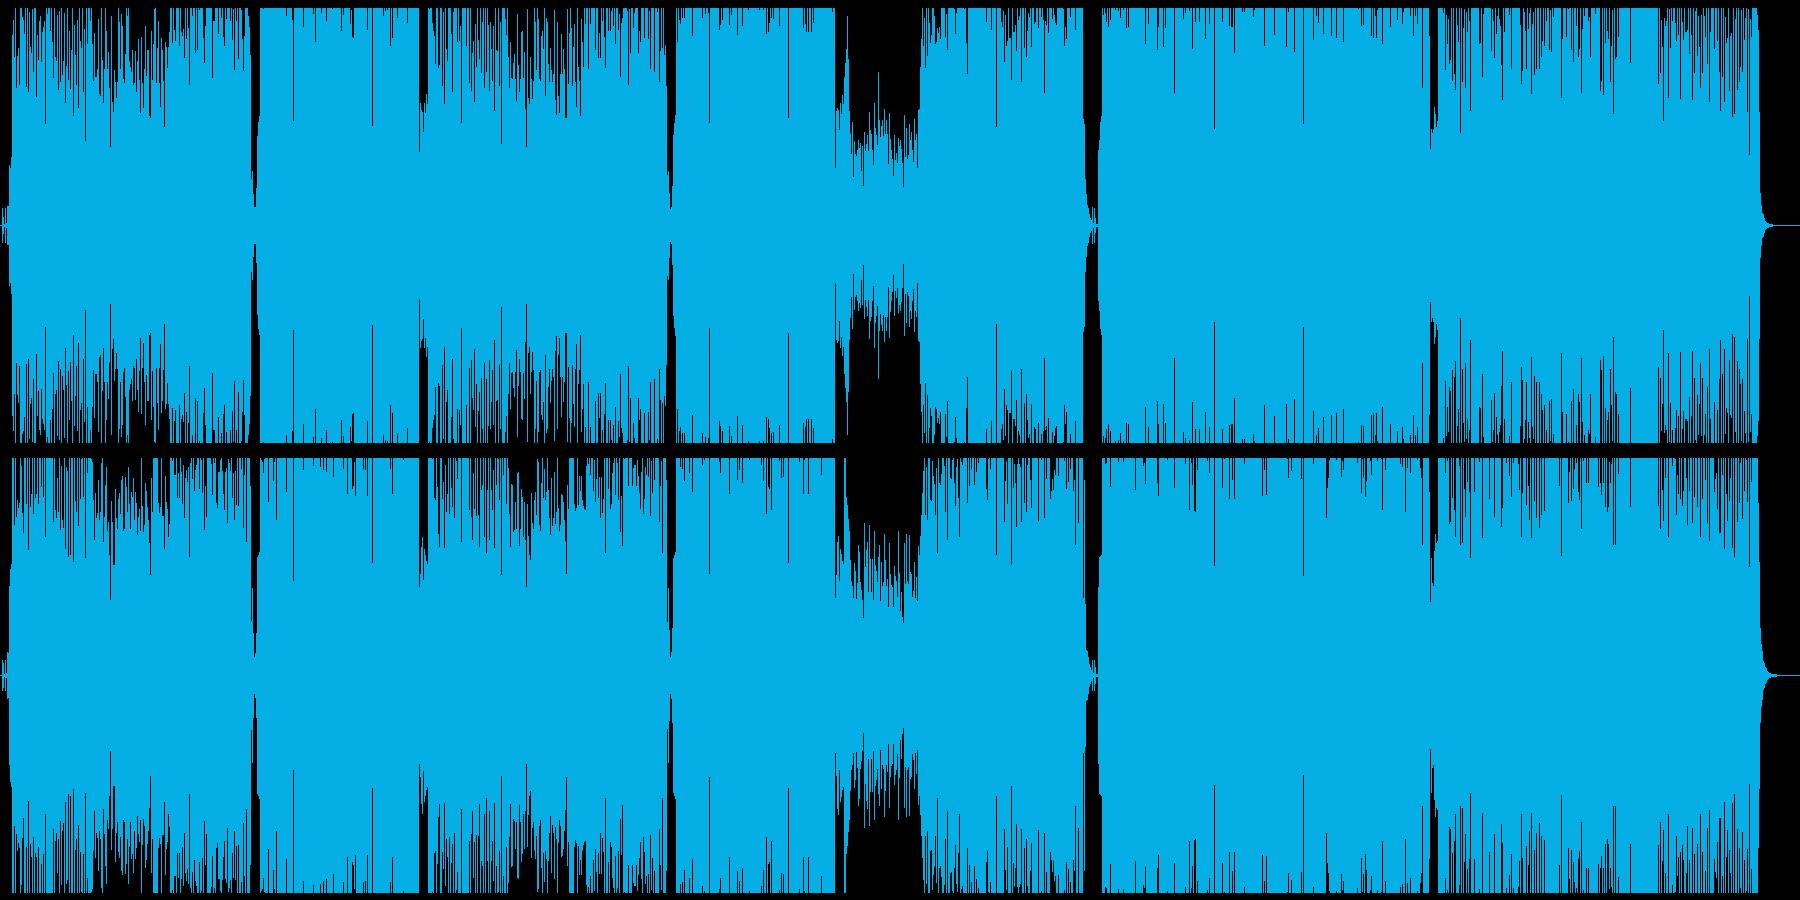 ビッグバンドジャズ/フルート/ピアノの再生済みの波形